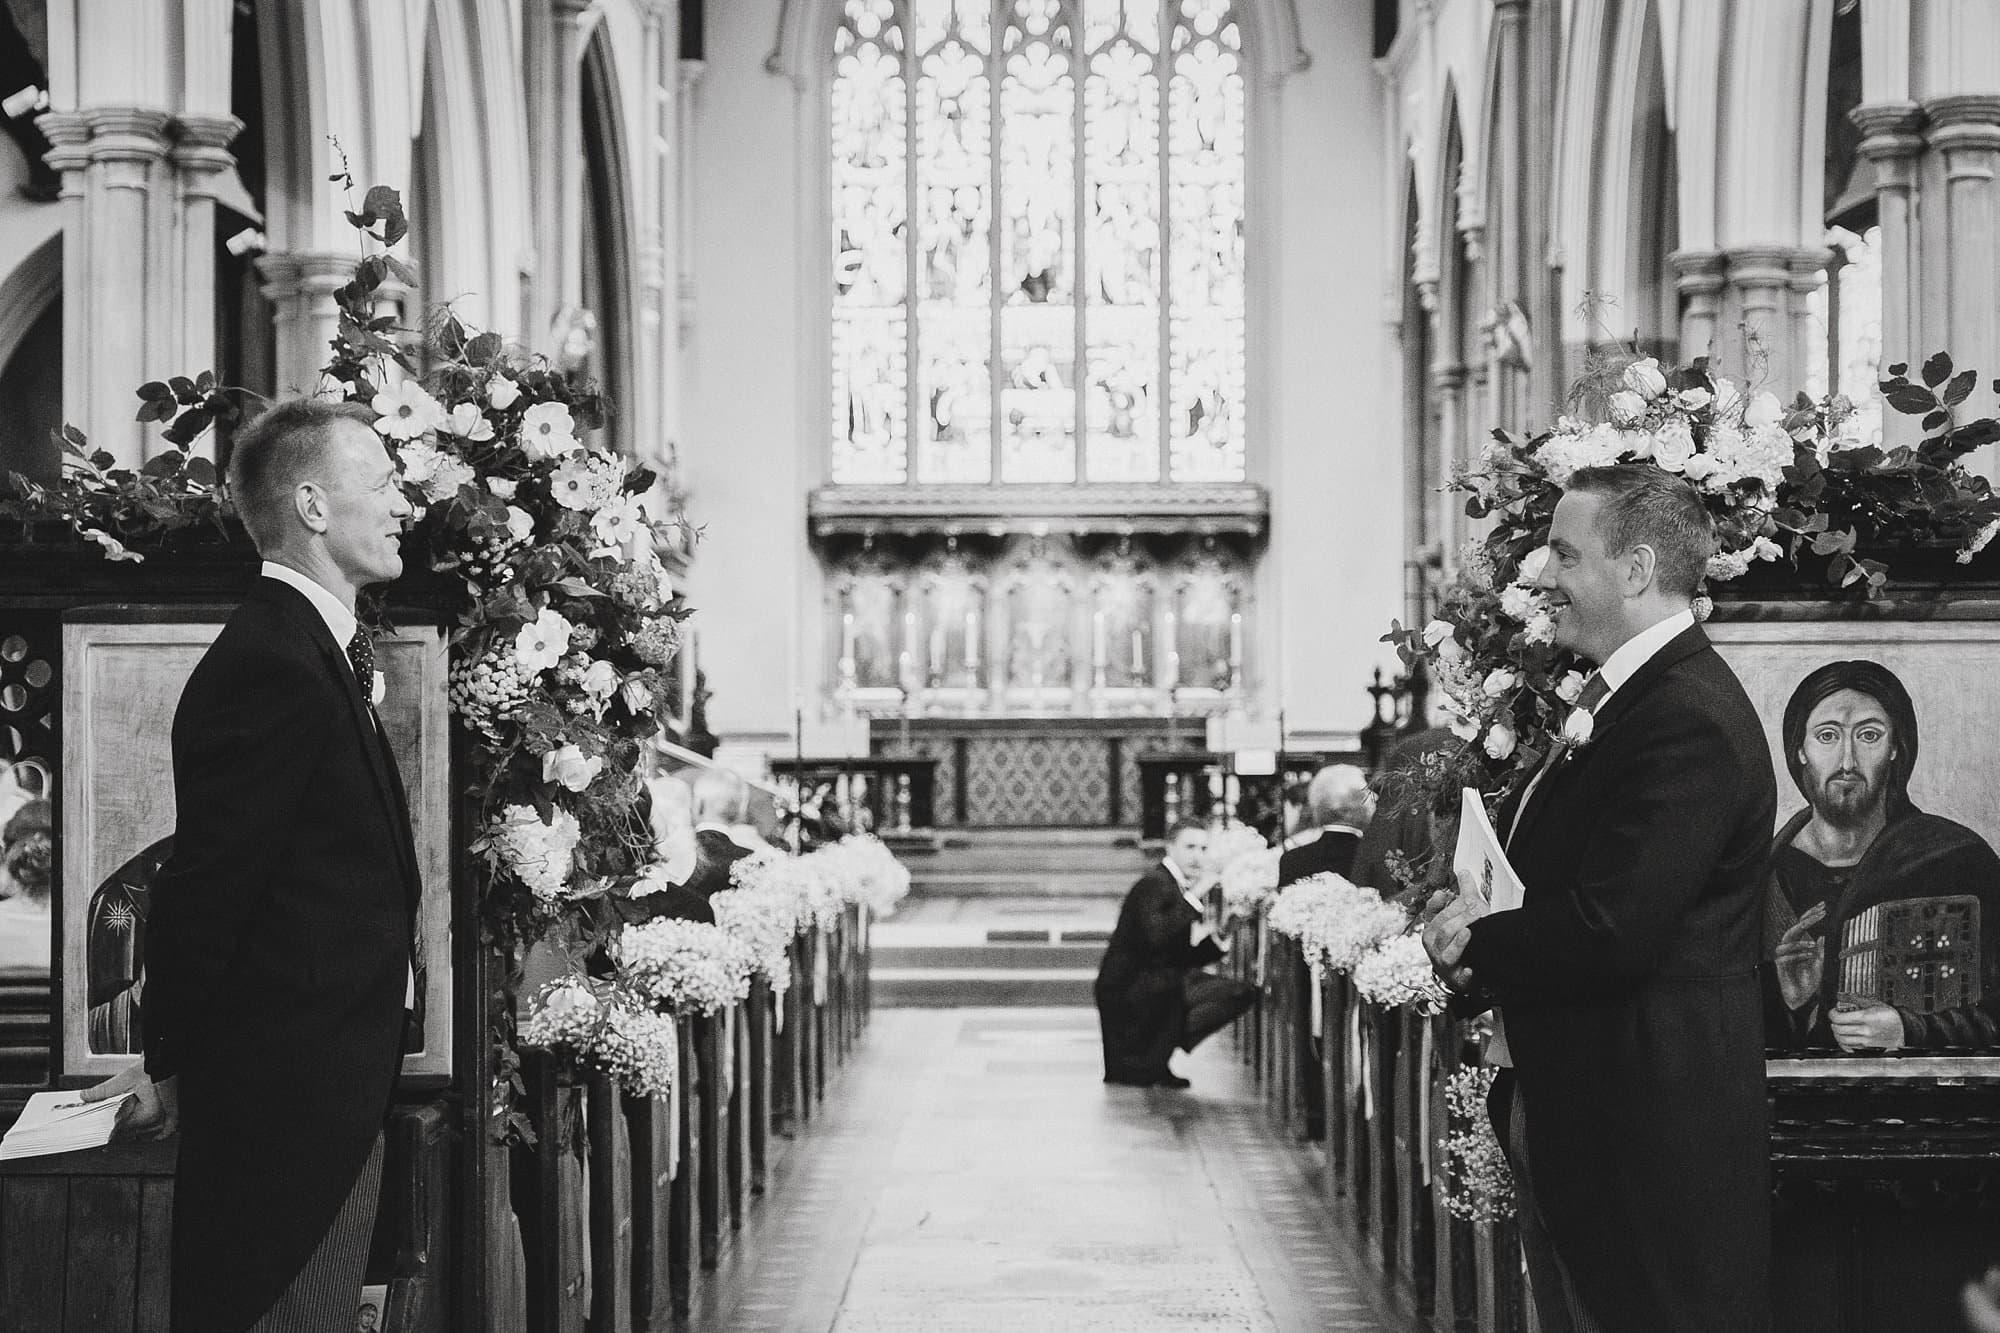 fulham palace wedding photographer 024 - Rosanna + Duncan | Fulham